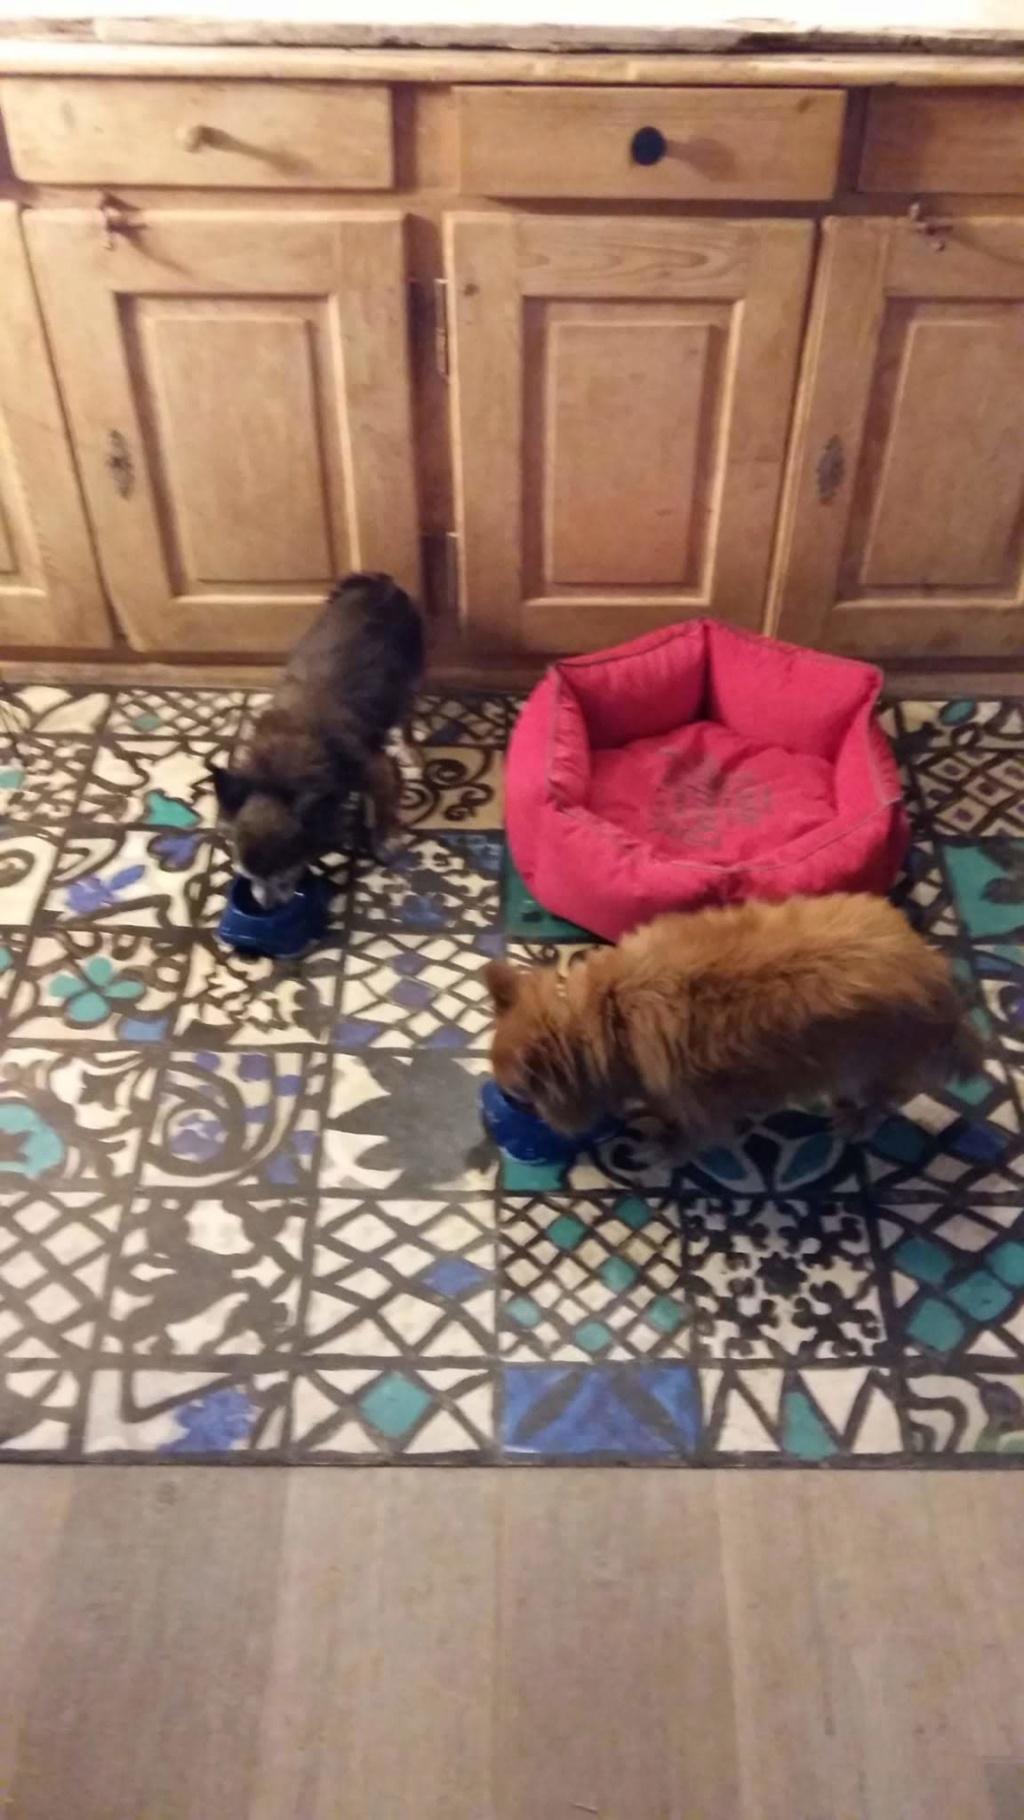 ELLIOT et CARAMEL - x chihuahua/papillon 9 et 11 ans - Asso Animale Attitude 63 - adoptés par Françoise, filleuls de frimousse Img-2014